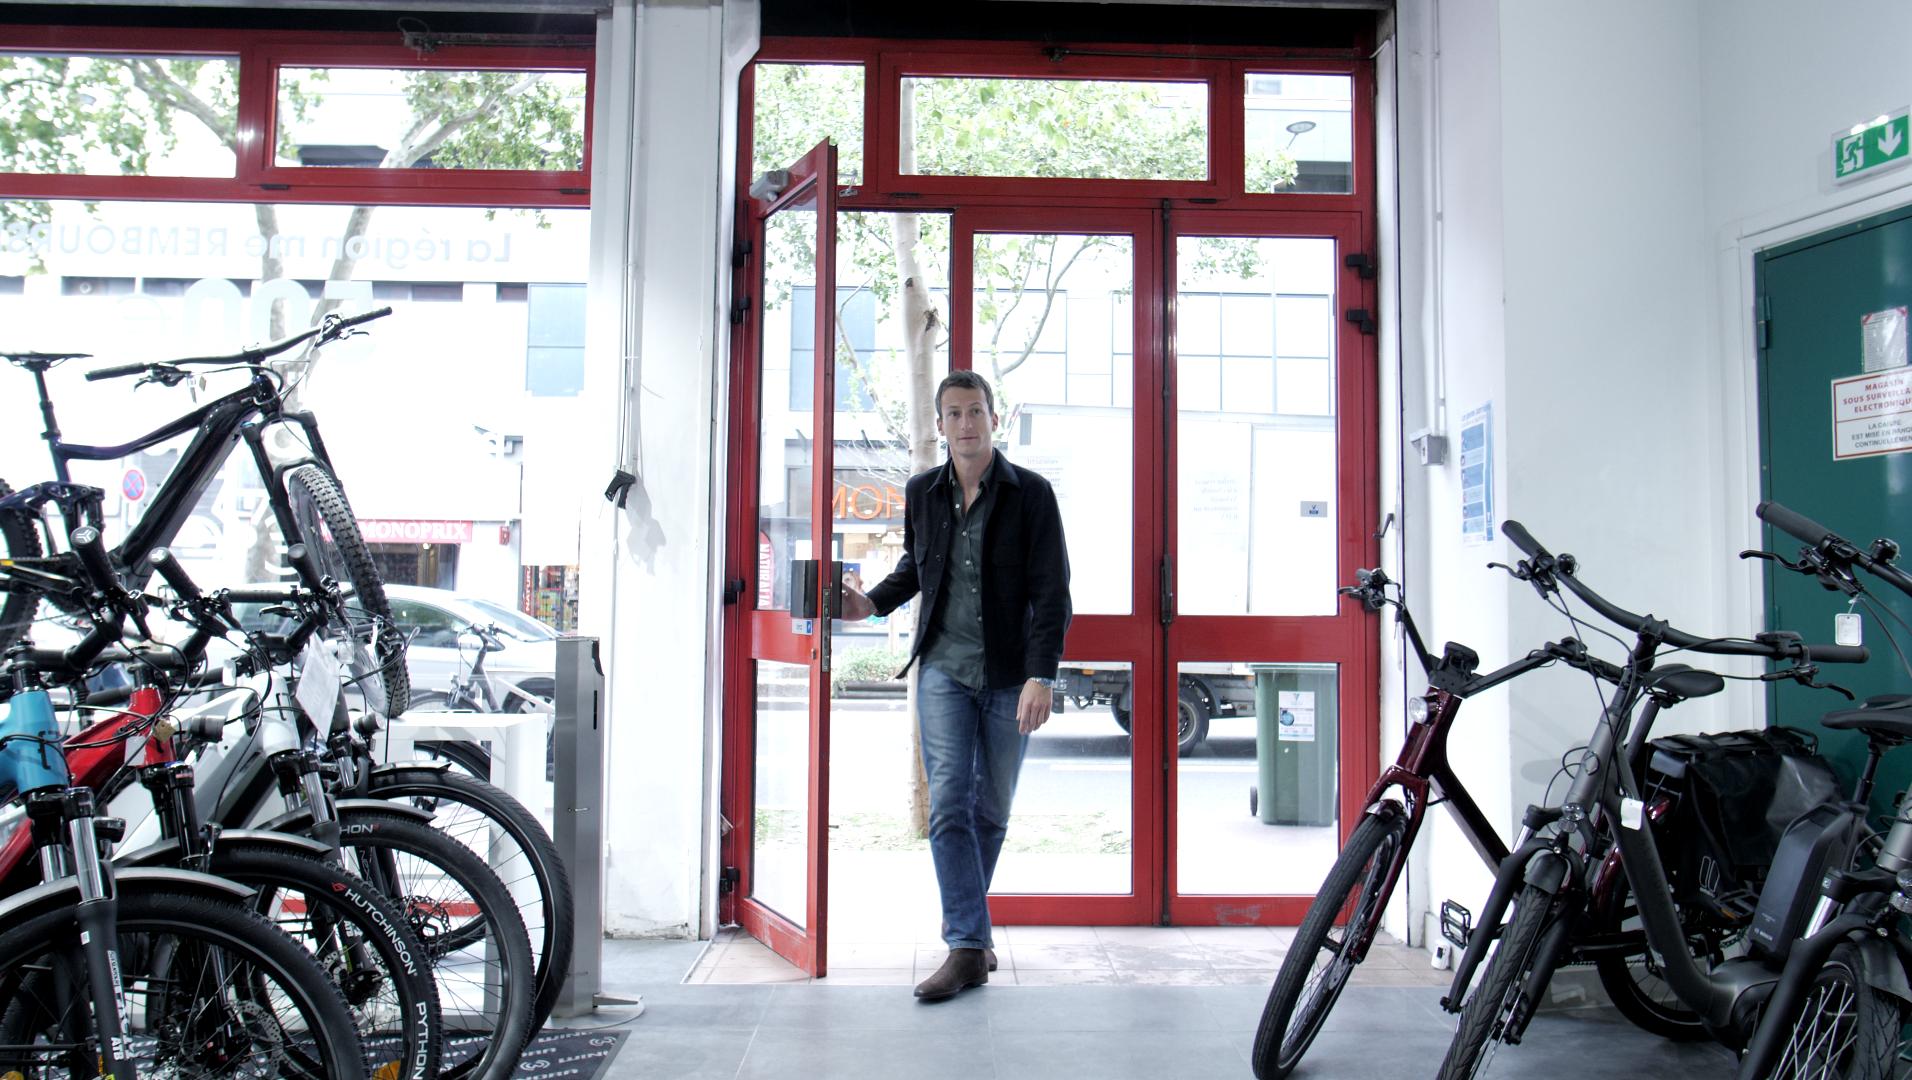 Homme entrant dans un magasin de vélo